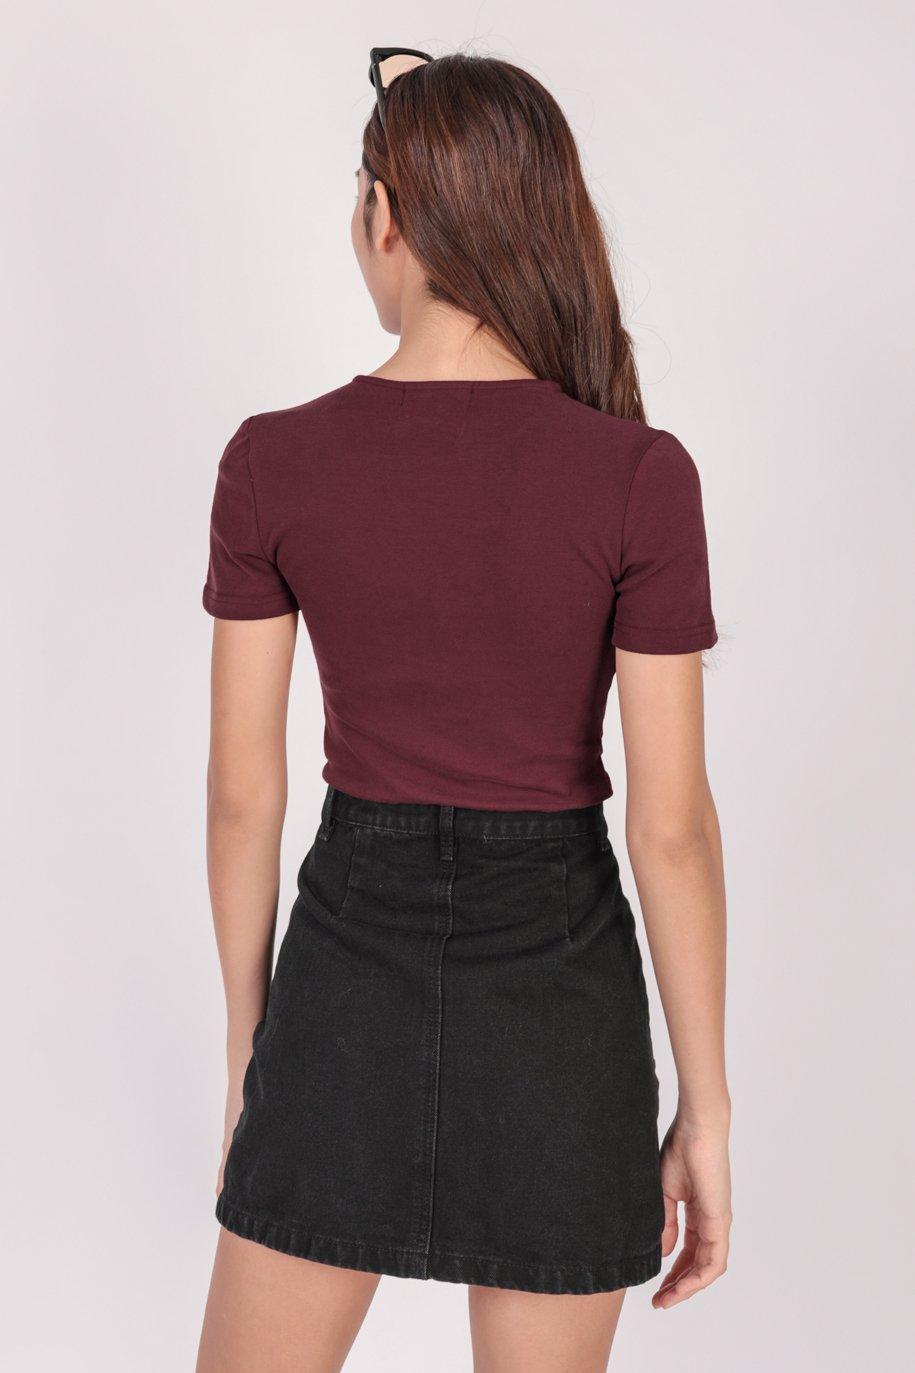 Karol Sleeved Bodysuit (Maroon)